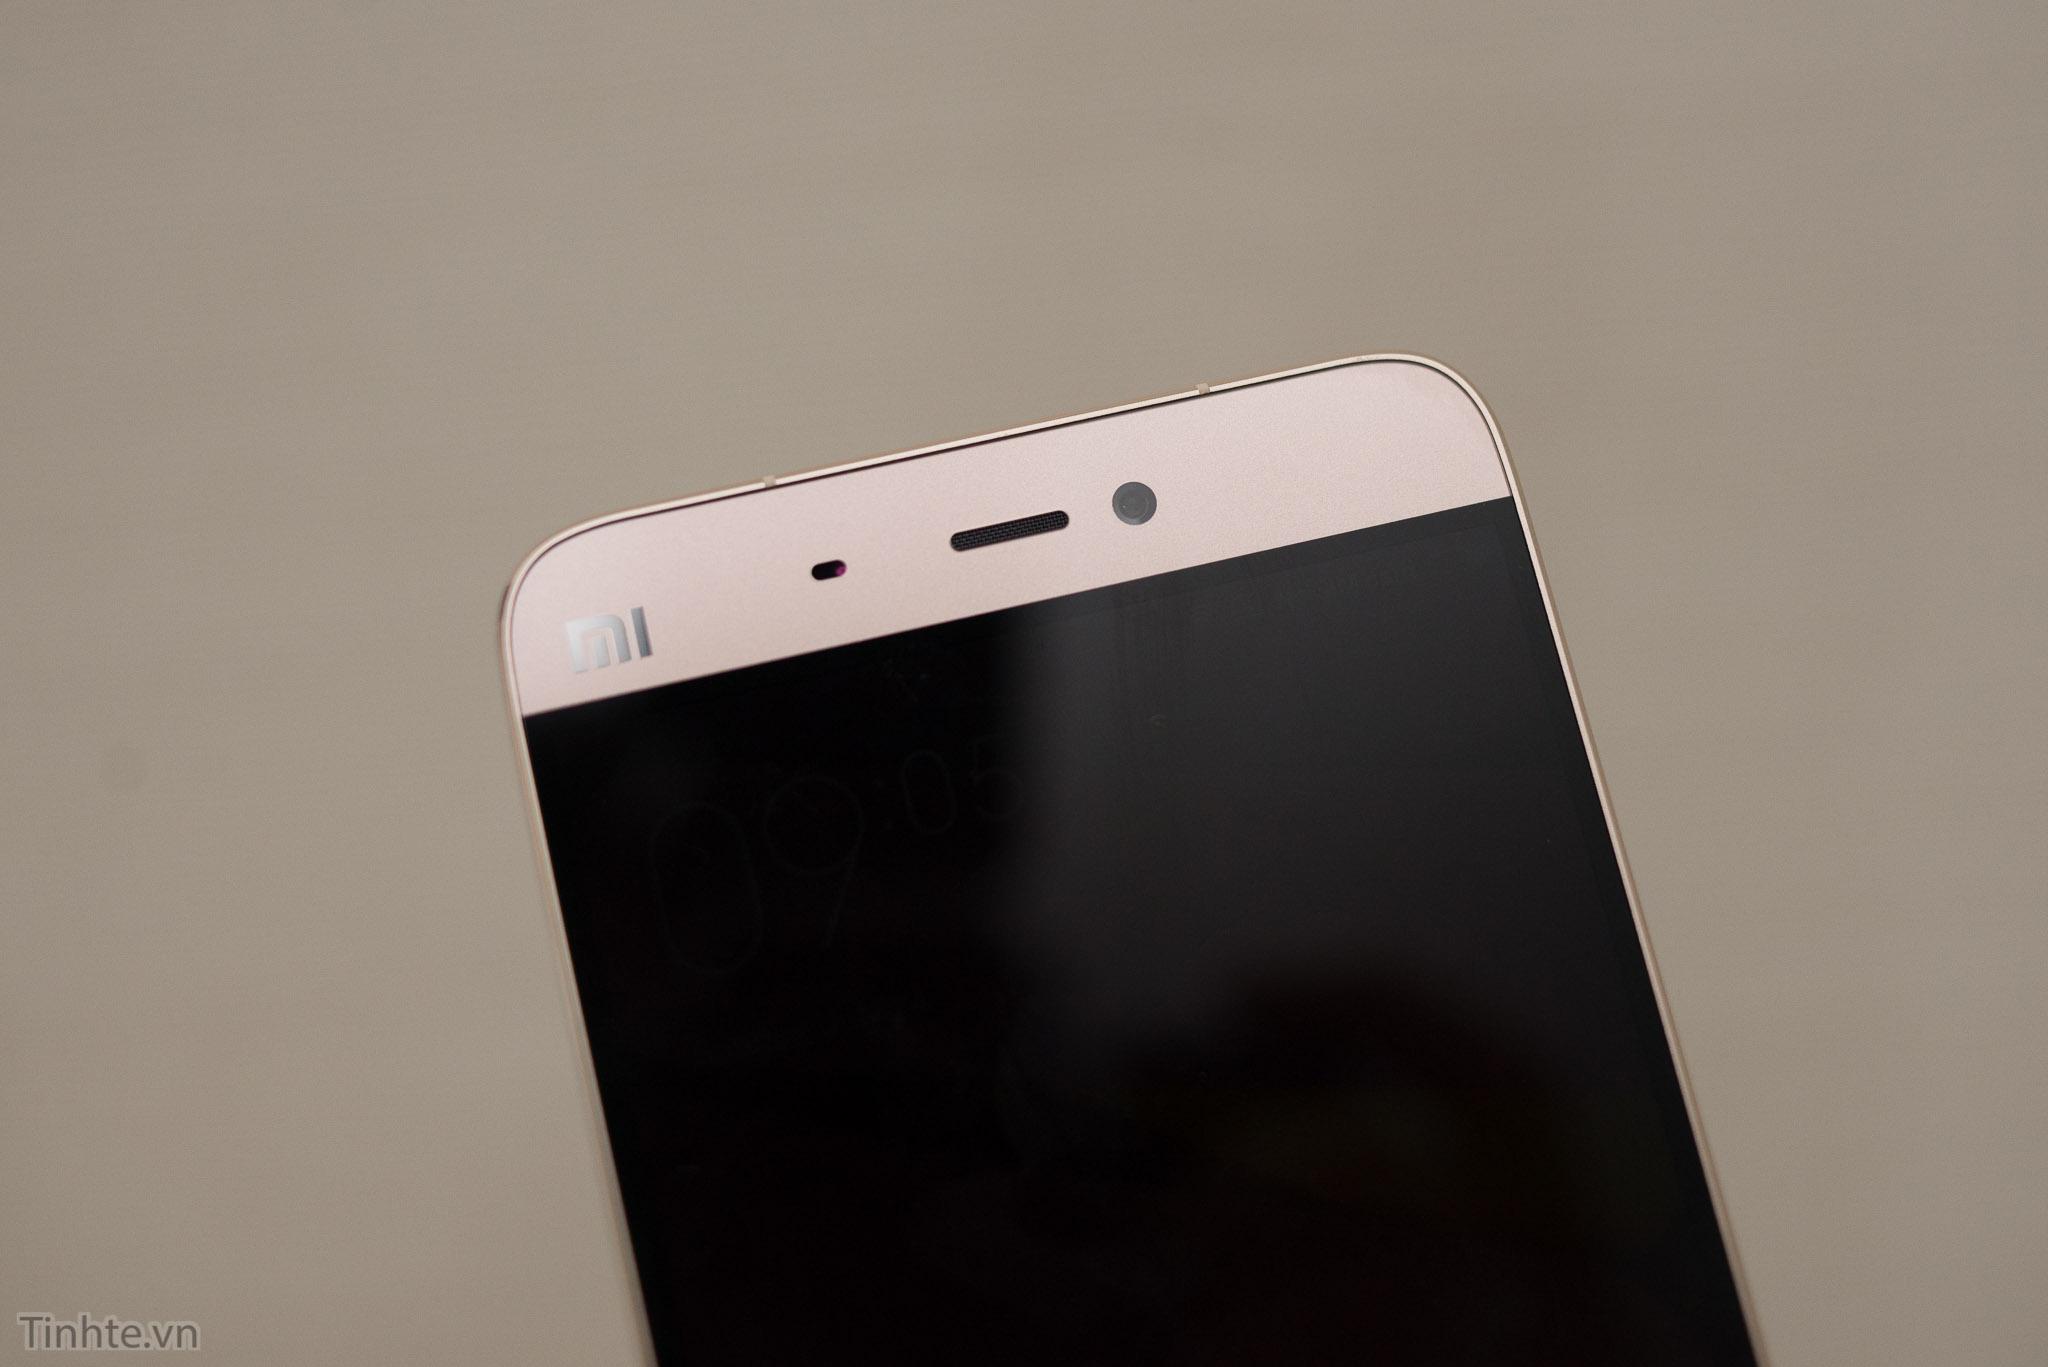 Xiaomi_Mi5_chinh_hang_tren_tay_tinhte.vn-4.jpg